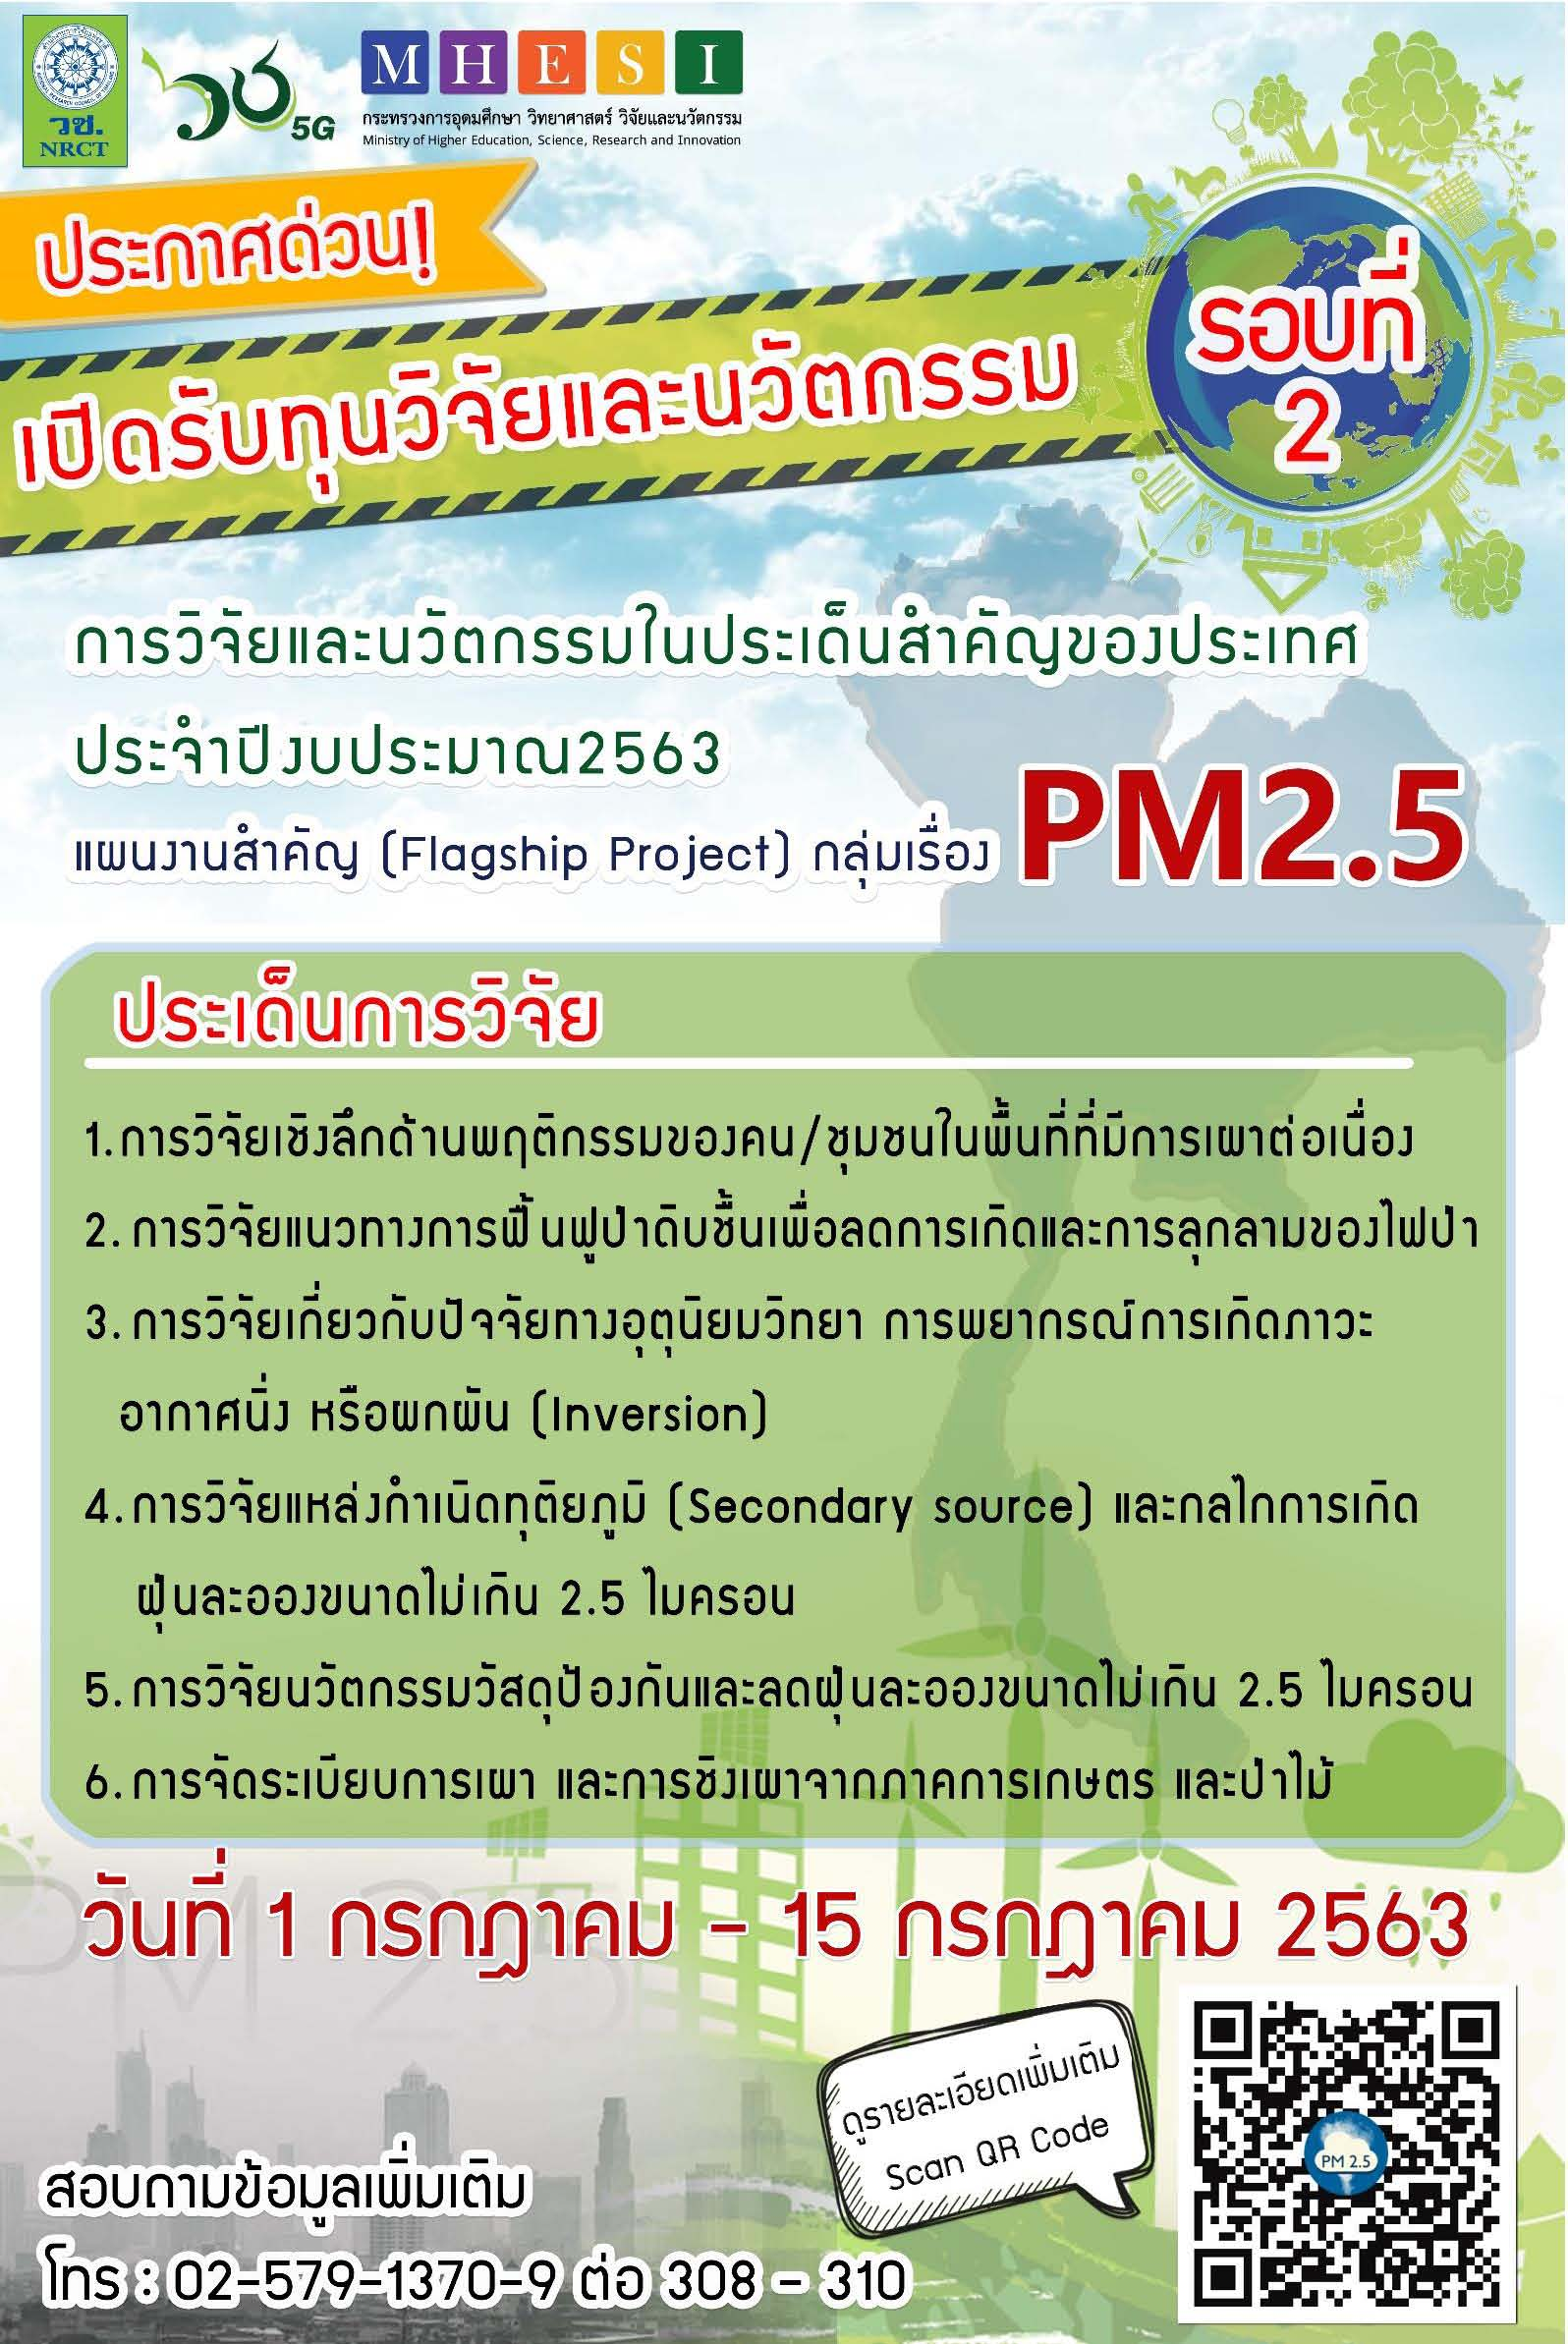 วช.เปิดรับข้อเสนอการวิจัยและนวัตกรรมในประเด็นสำคัญของประเทศ เรื่อง PM2.5